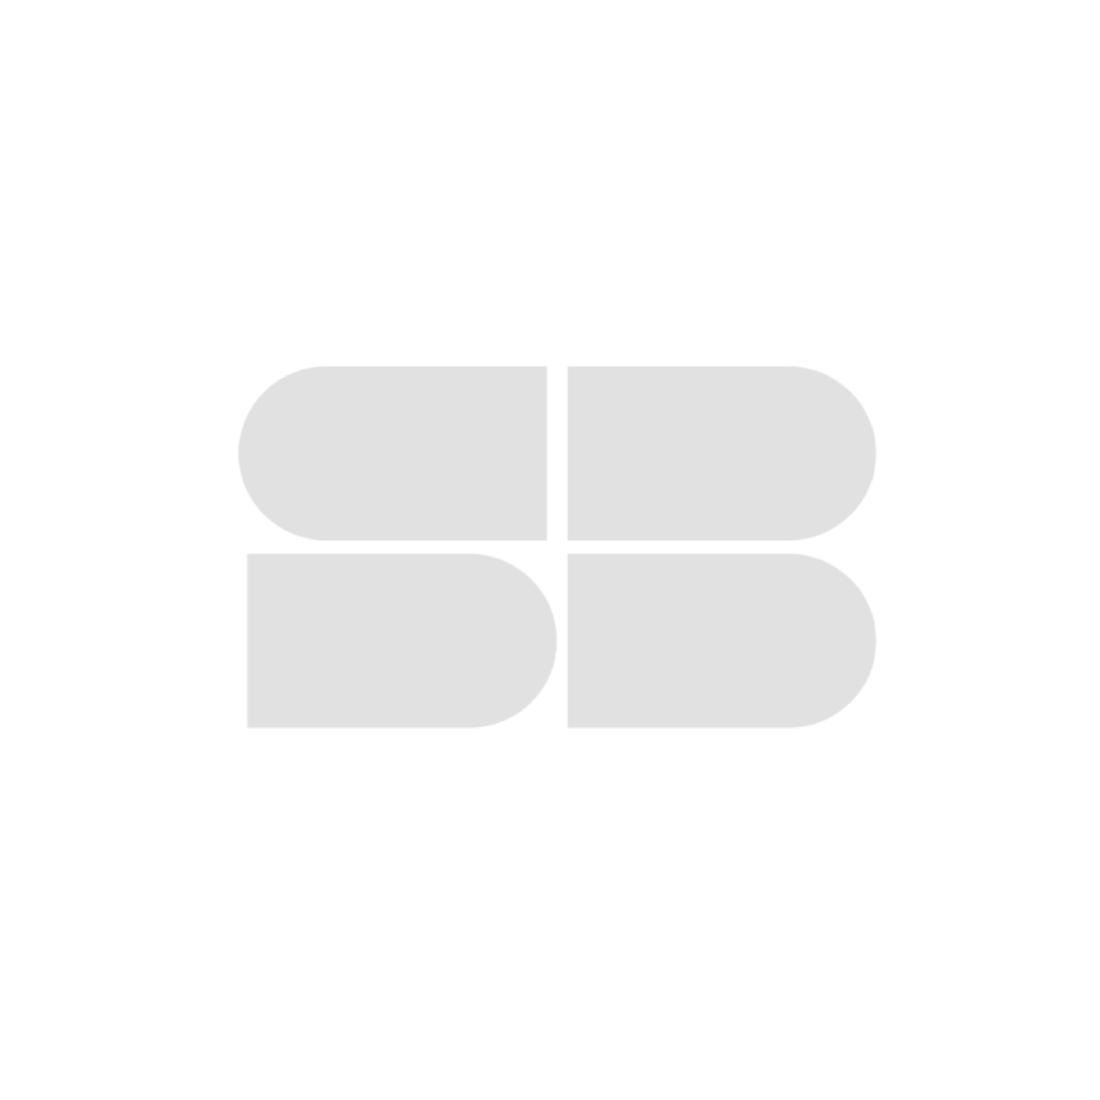 39000346-mattress-bedding-mattresses-spring-mattresses-31